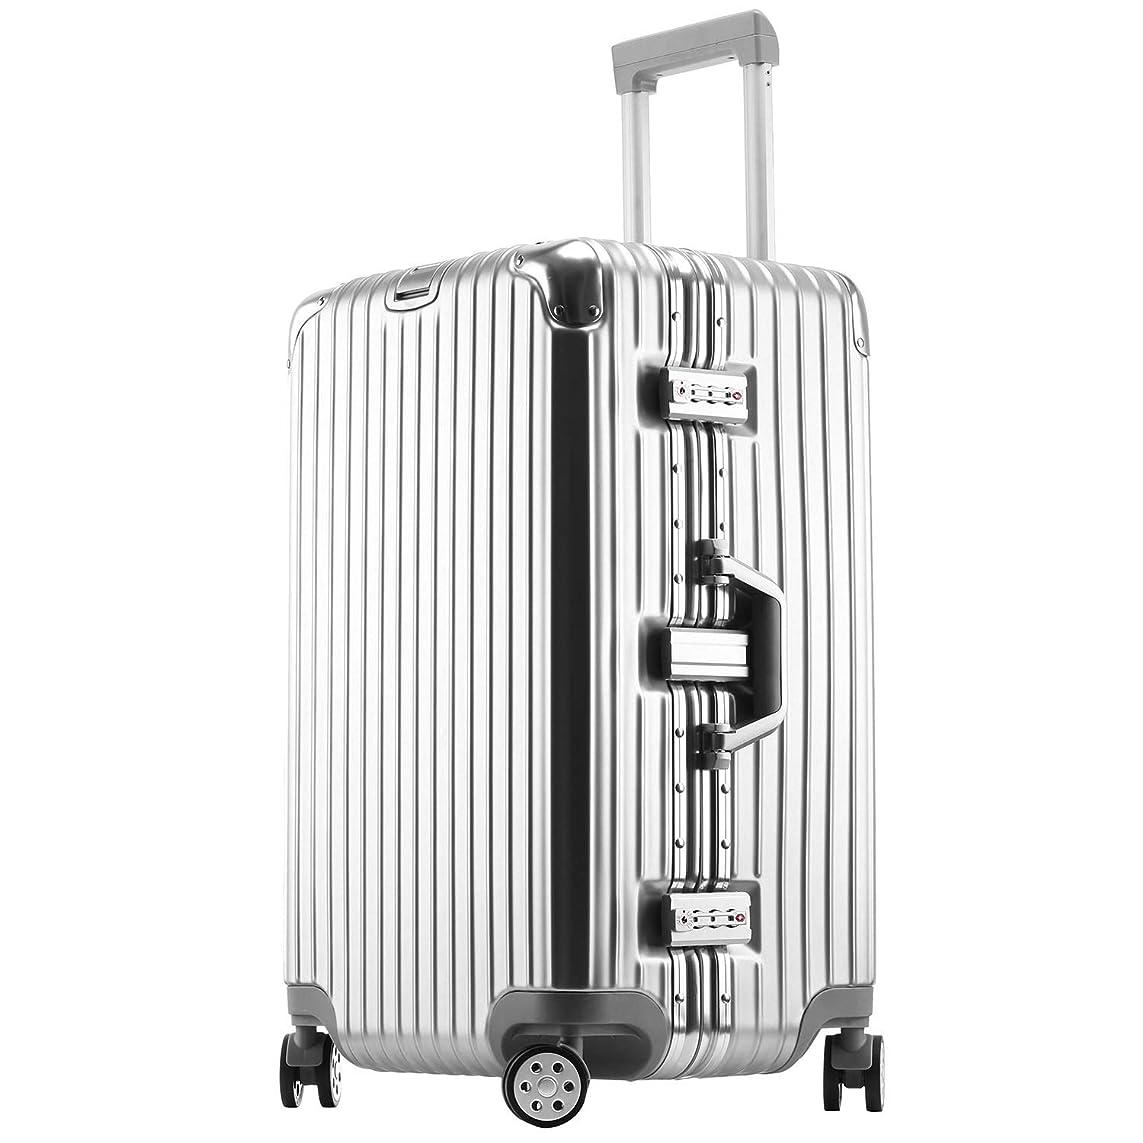 ボンイージ(bonyage) スーツケース アルミフレーム 拡張 大型 8輪キャスター TSAロック 付日本語取扱説明書 旅行出張 1年保証